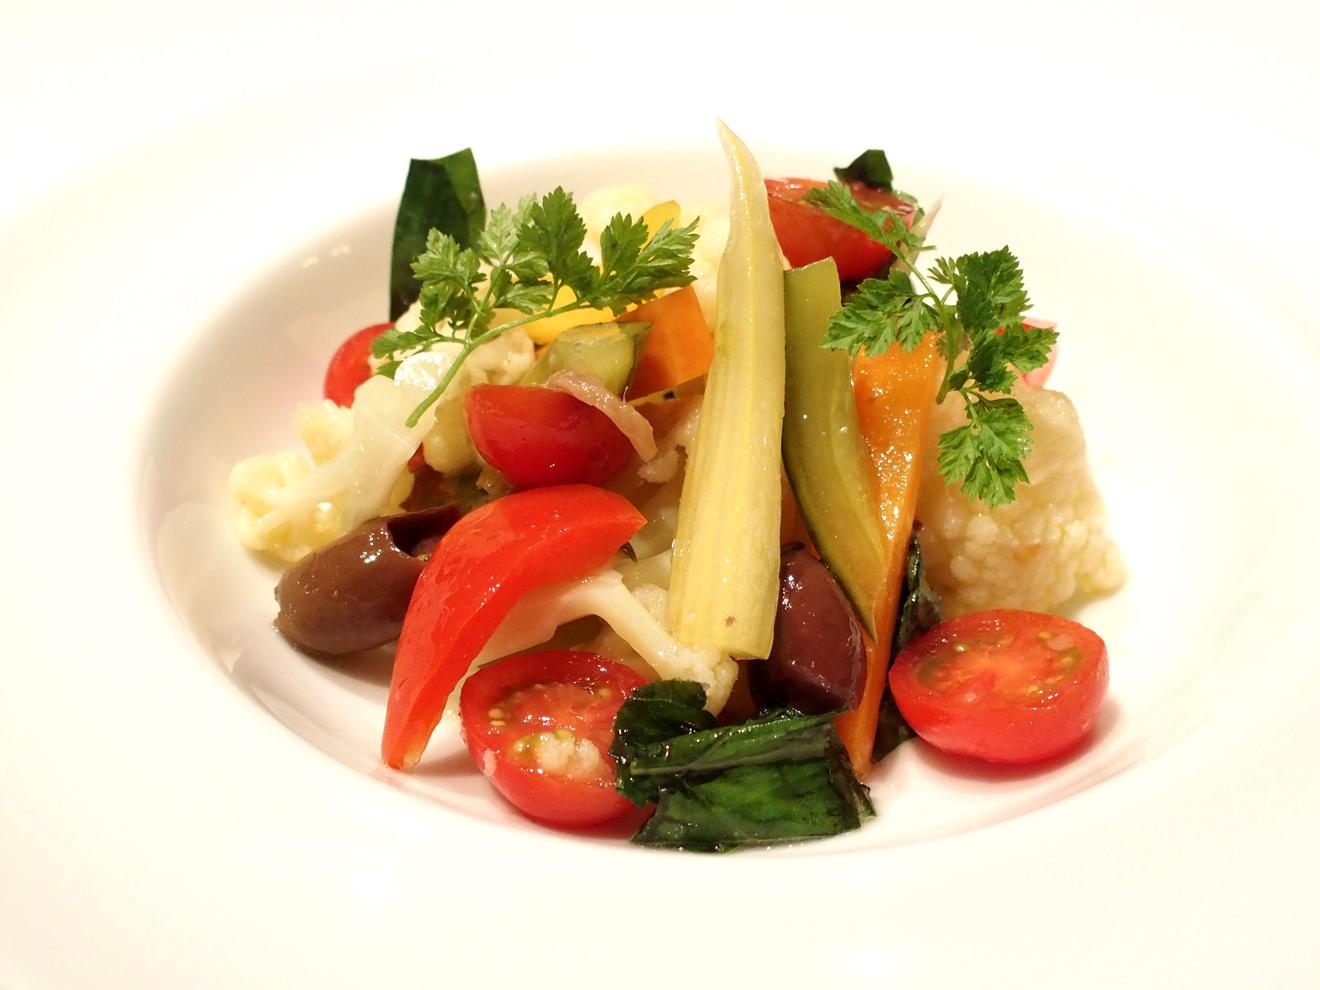 ナポリ風カリフラワーとピクルスのサラダ「リンフォルツォ」